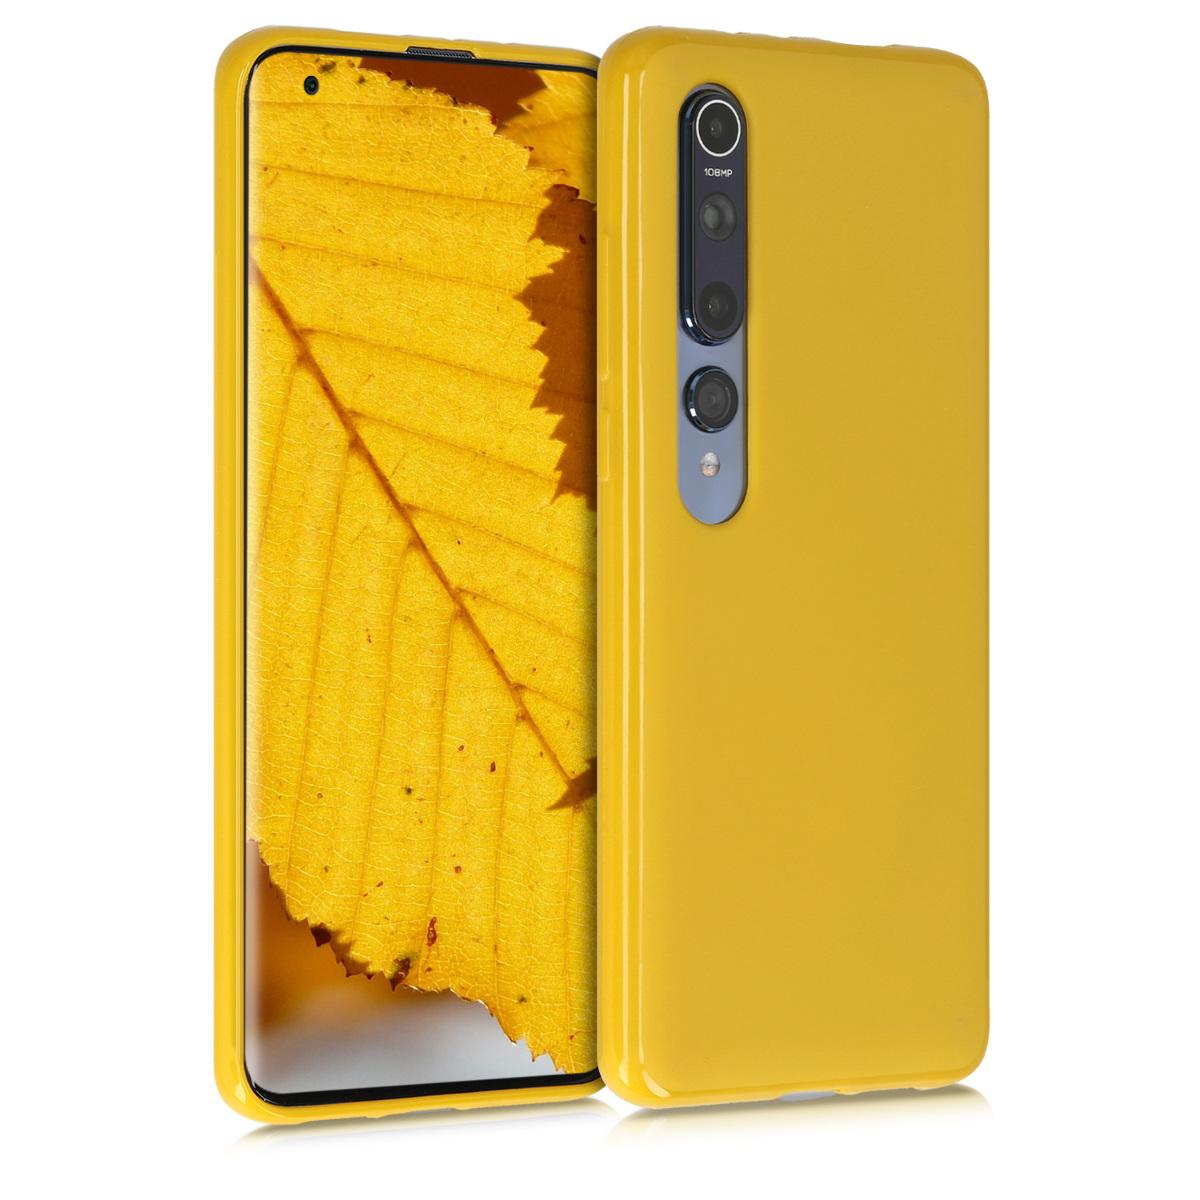 Tenké medově žluté silikonové pouzdro / obal pro Xiaomi Mi 10 / Mi 10 Pro